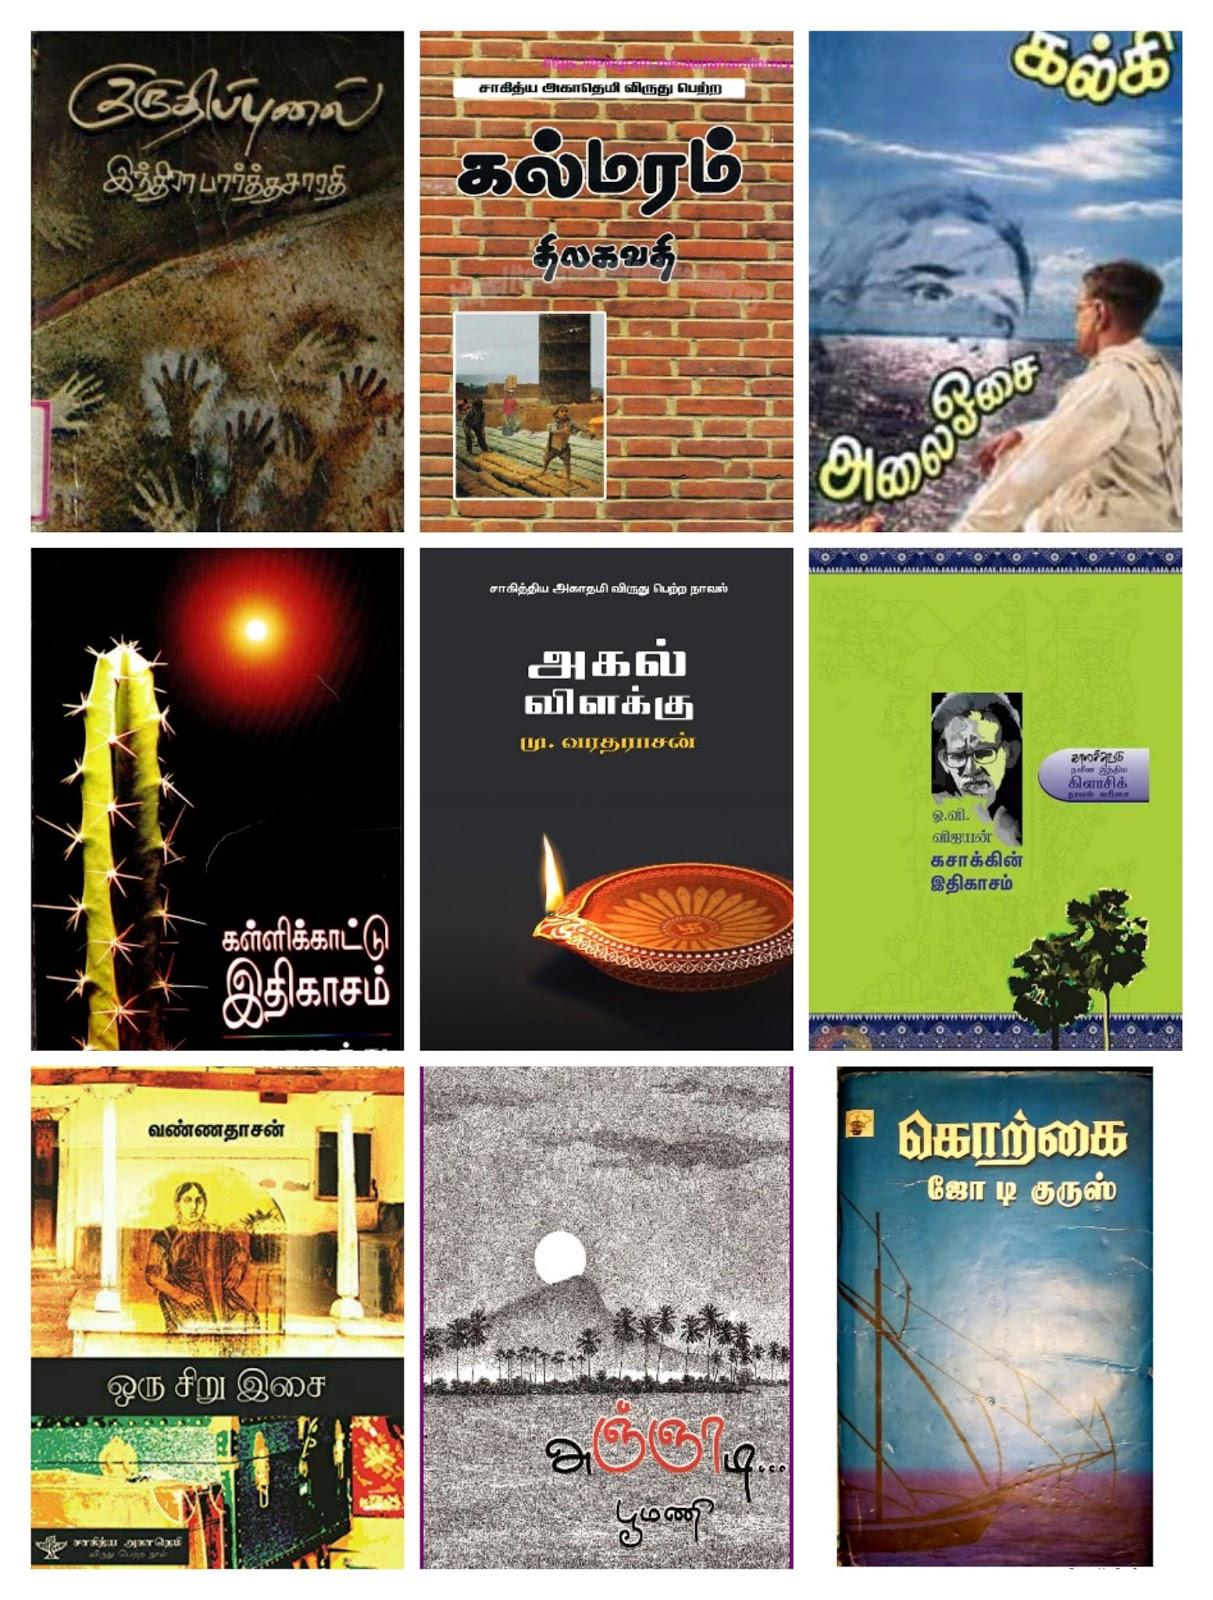 சாகித்திய அகாதமி விருது பெற்ற நூல்கள் IMG_20200409_120436